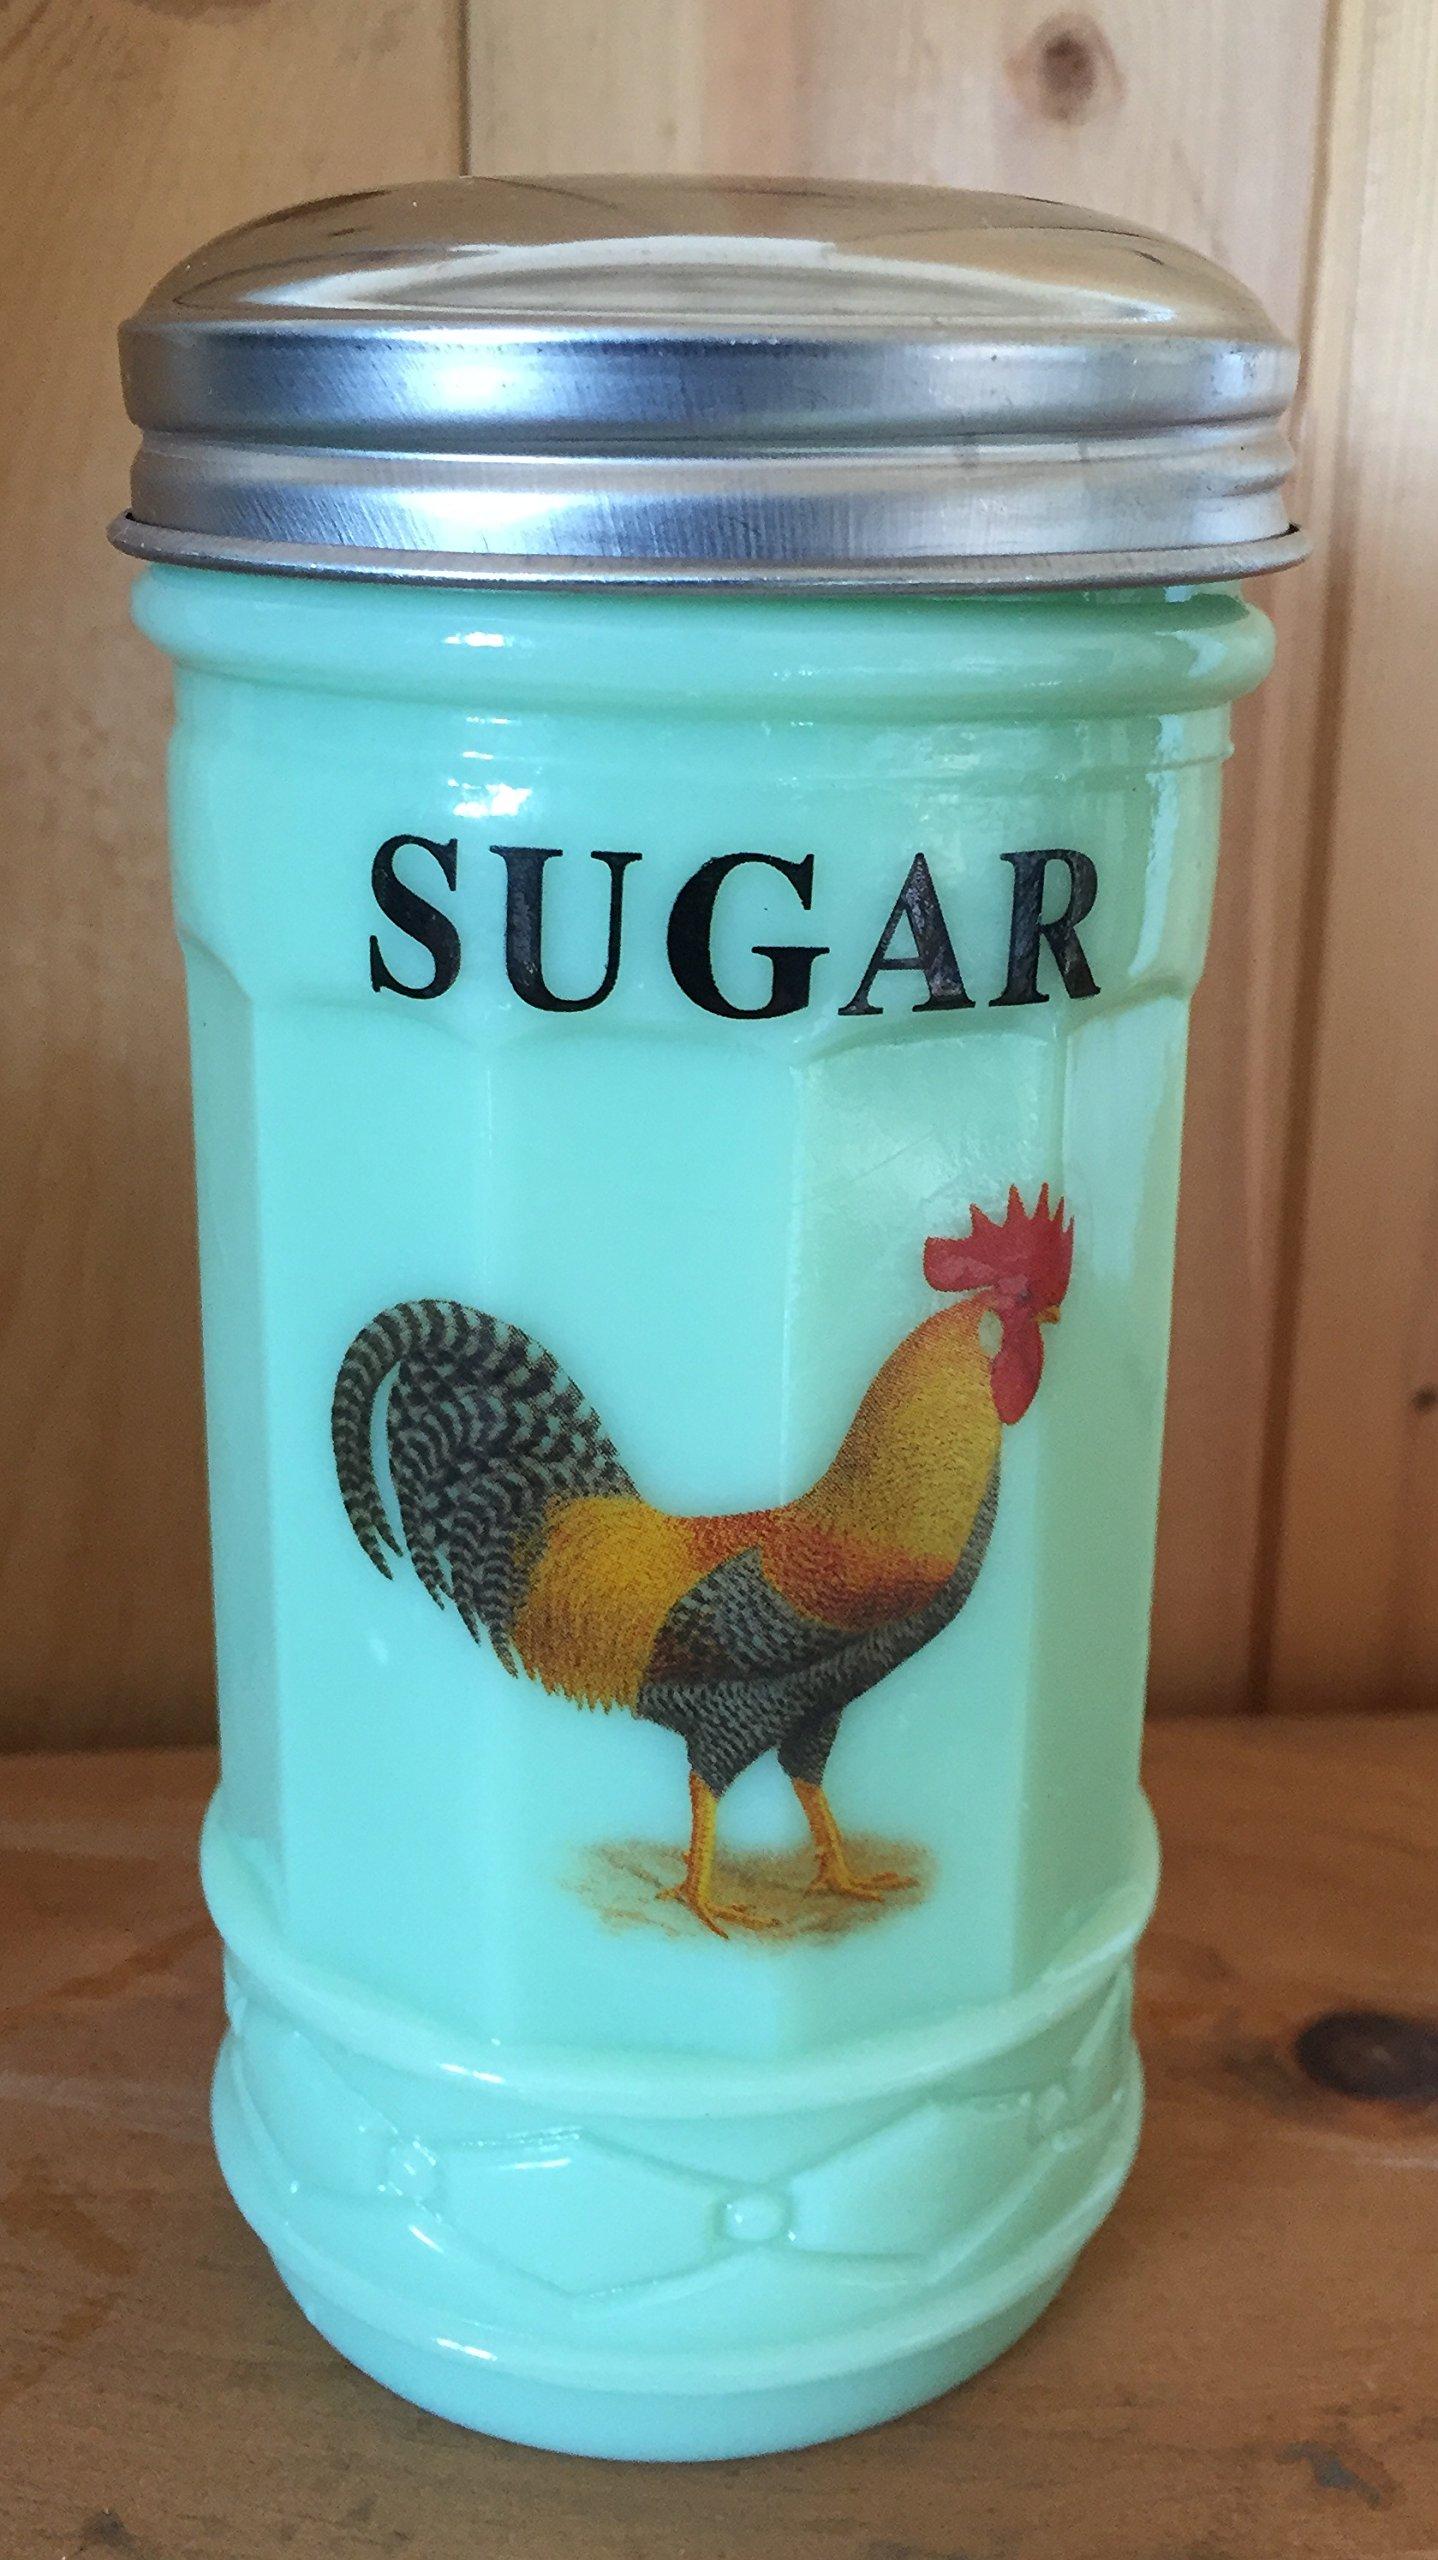 Jade Jadeite Green Glass Restaurant Style Sugar Shaker Dispenser - Leghorn Chicken Rooster by Rosso Glass